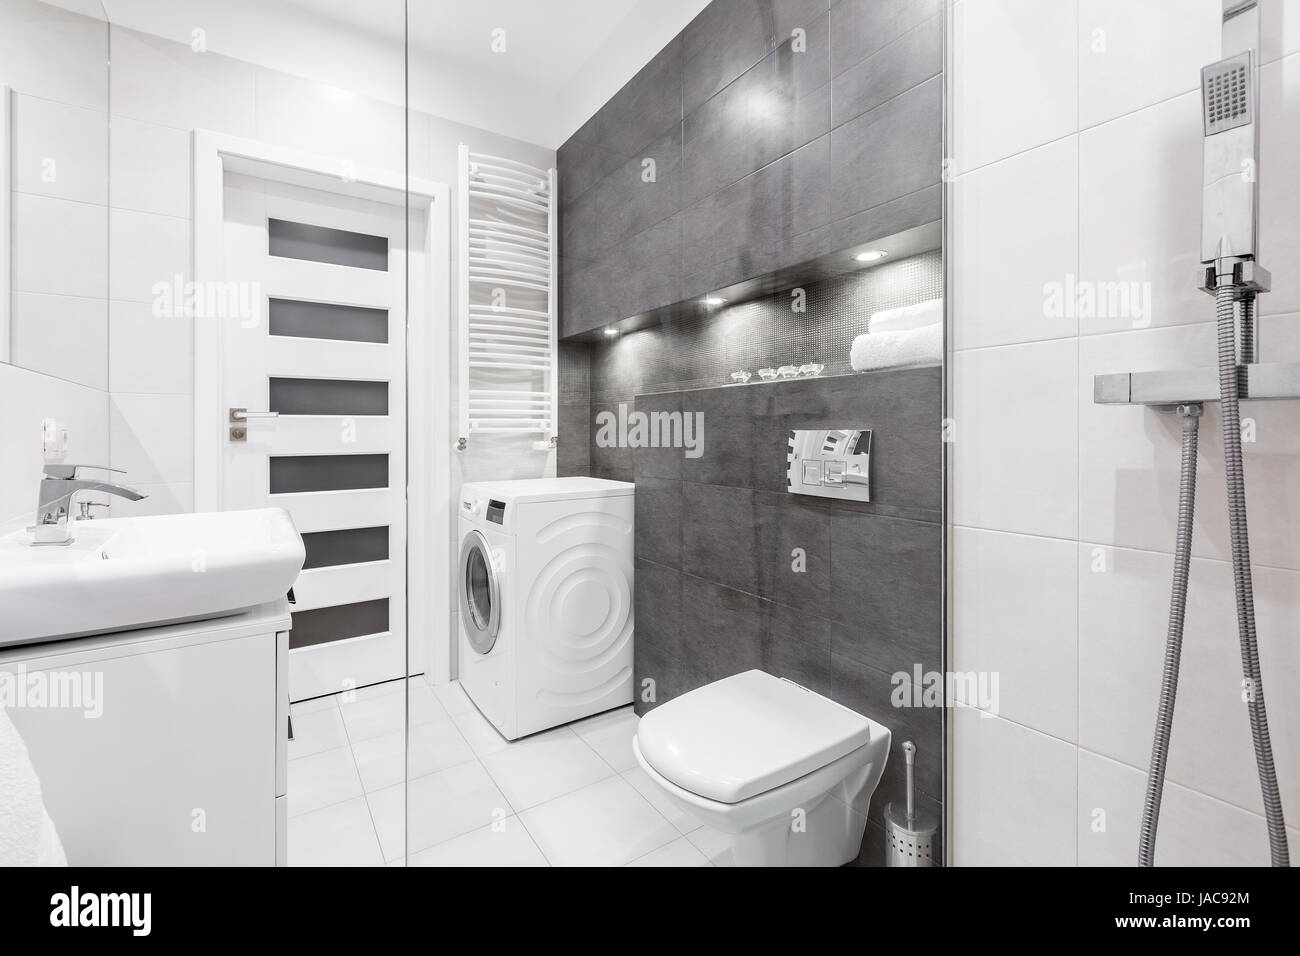 modernes wei es badezimmer mit dusche waschbecken wc waschmaschine und graue wand stockfoto. Black Bedroom Furniture Sets. Home Design Ideas